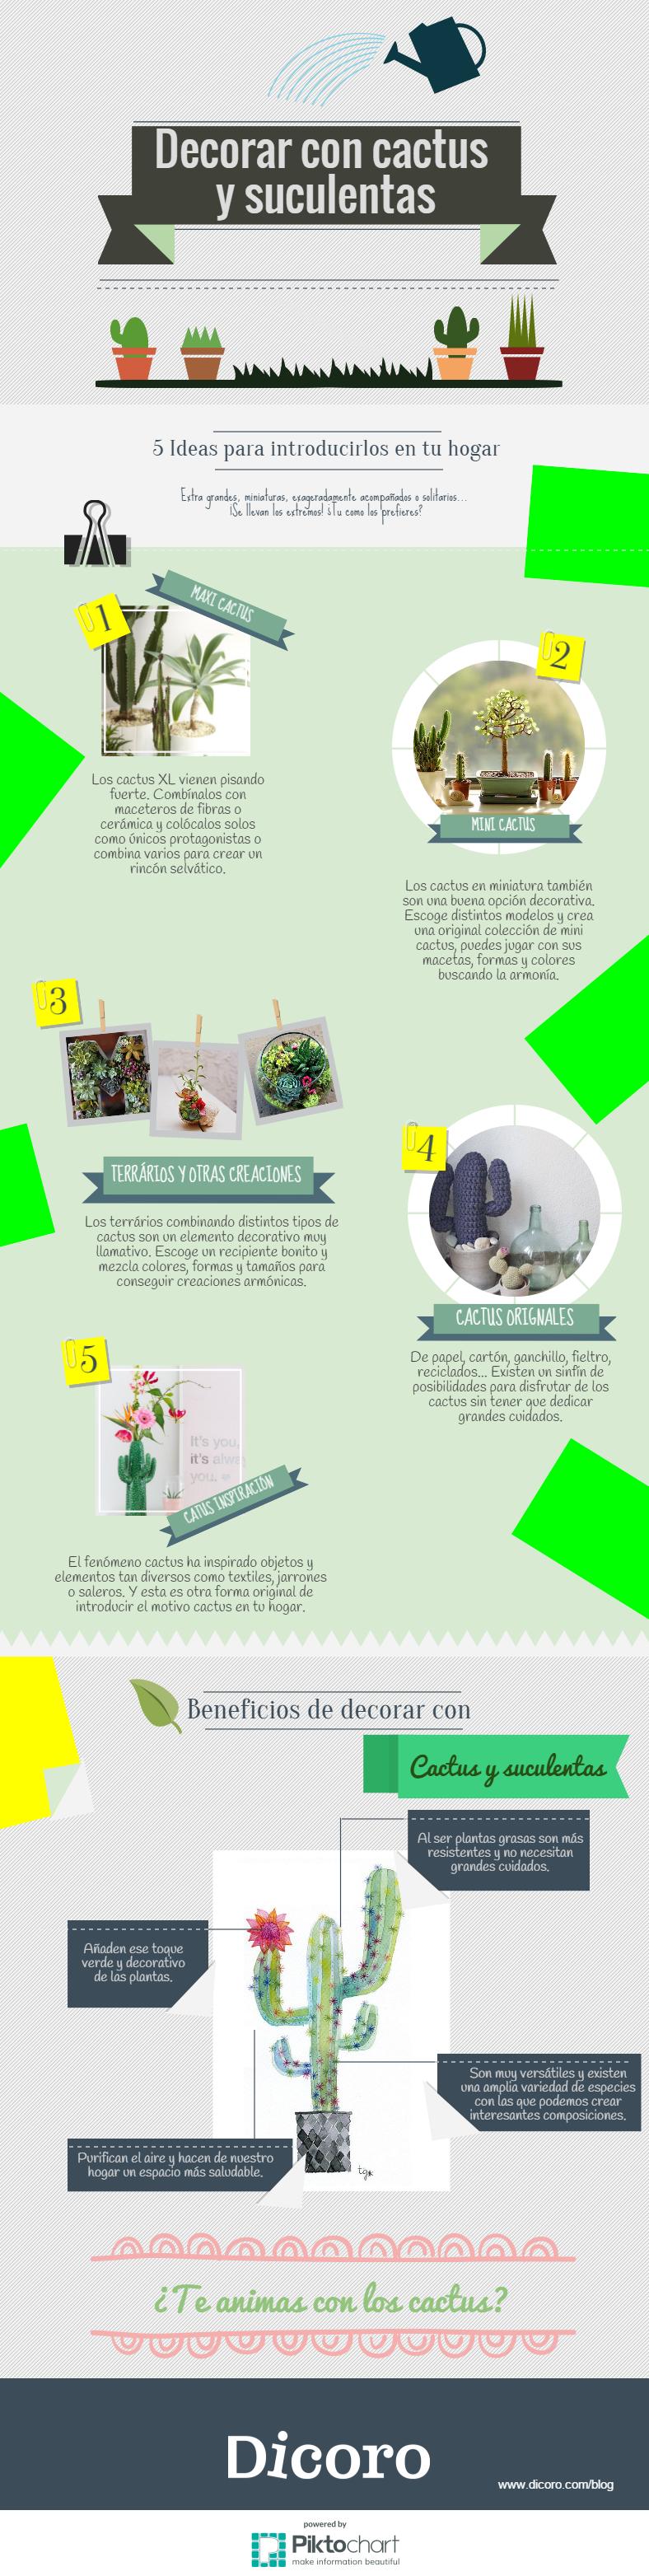 Decorar con cactus y suculentas: Infografía DICORO